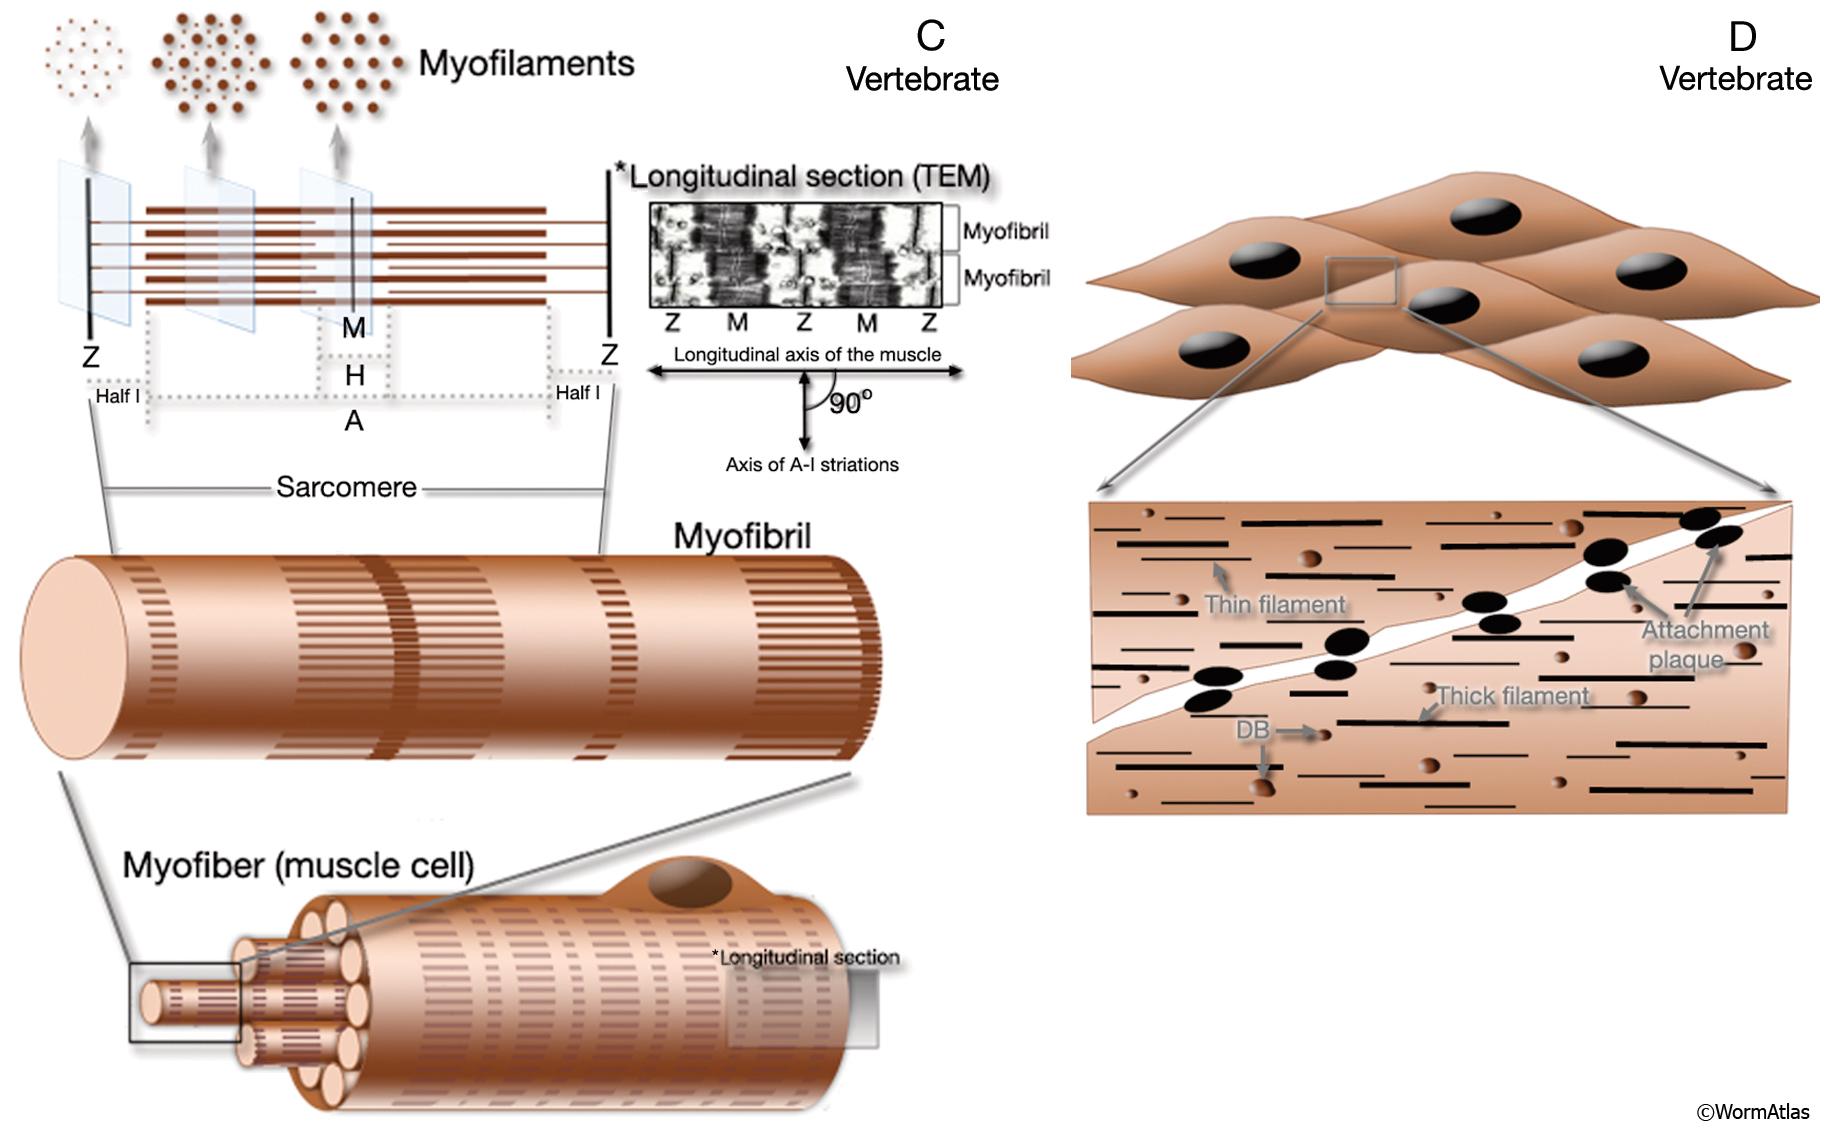 Vertebrate Somatic Muscle is